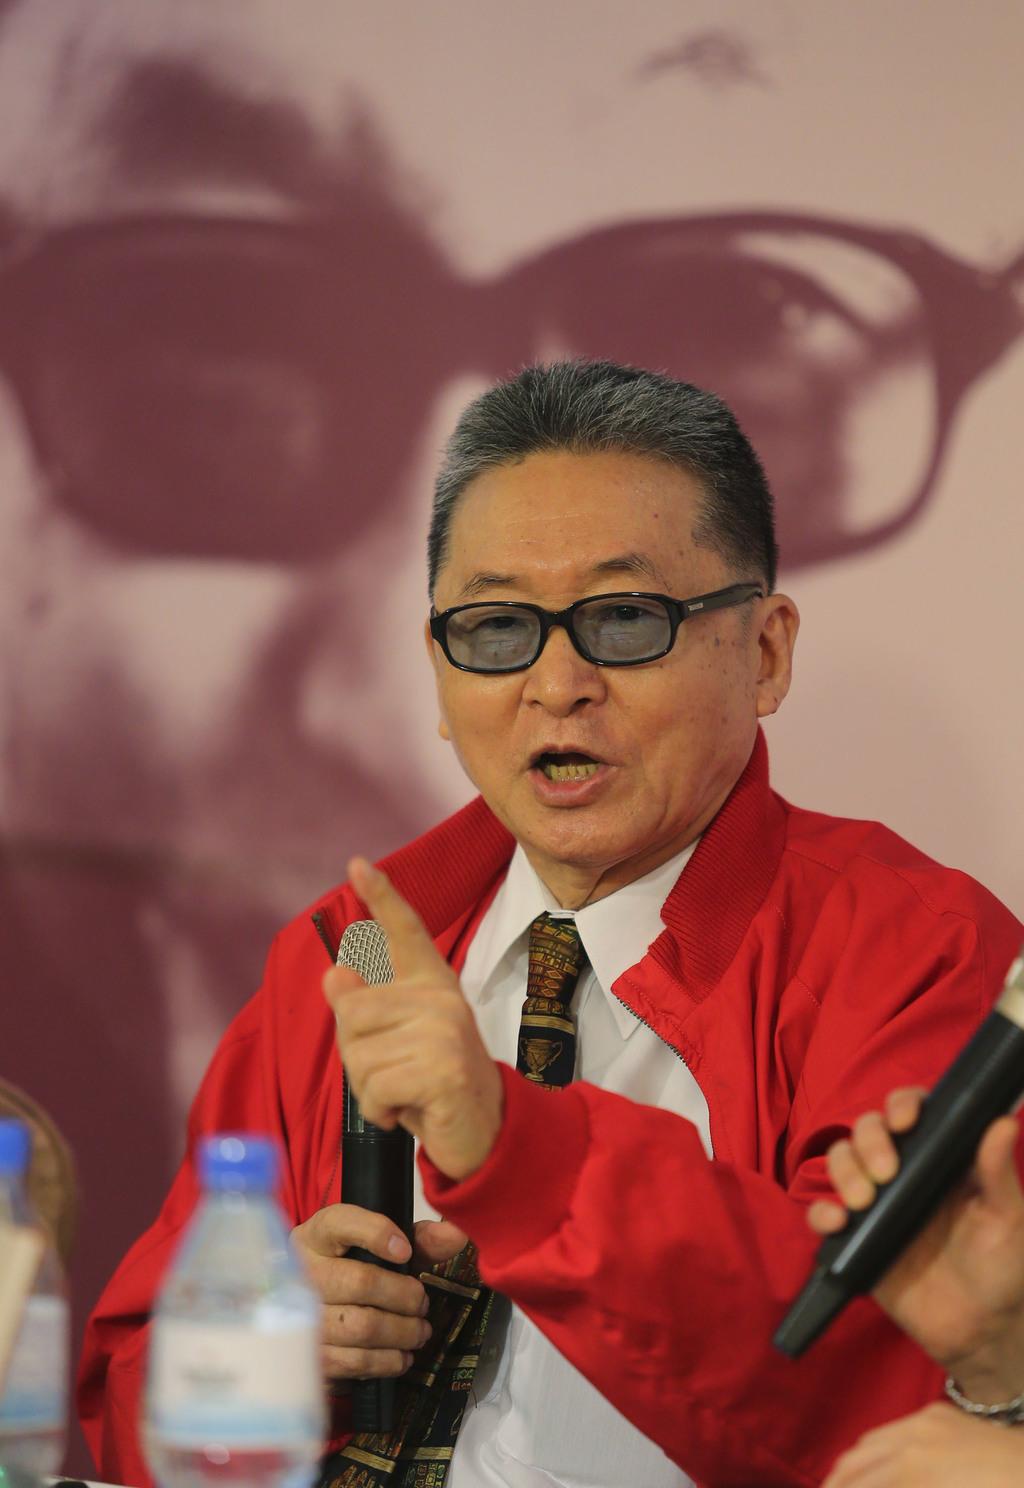 作家李敖(圖)23日在台北出席新書發表會,對現今政治現況發表看法。中央社記者徐肇昌攝  104年4月23日